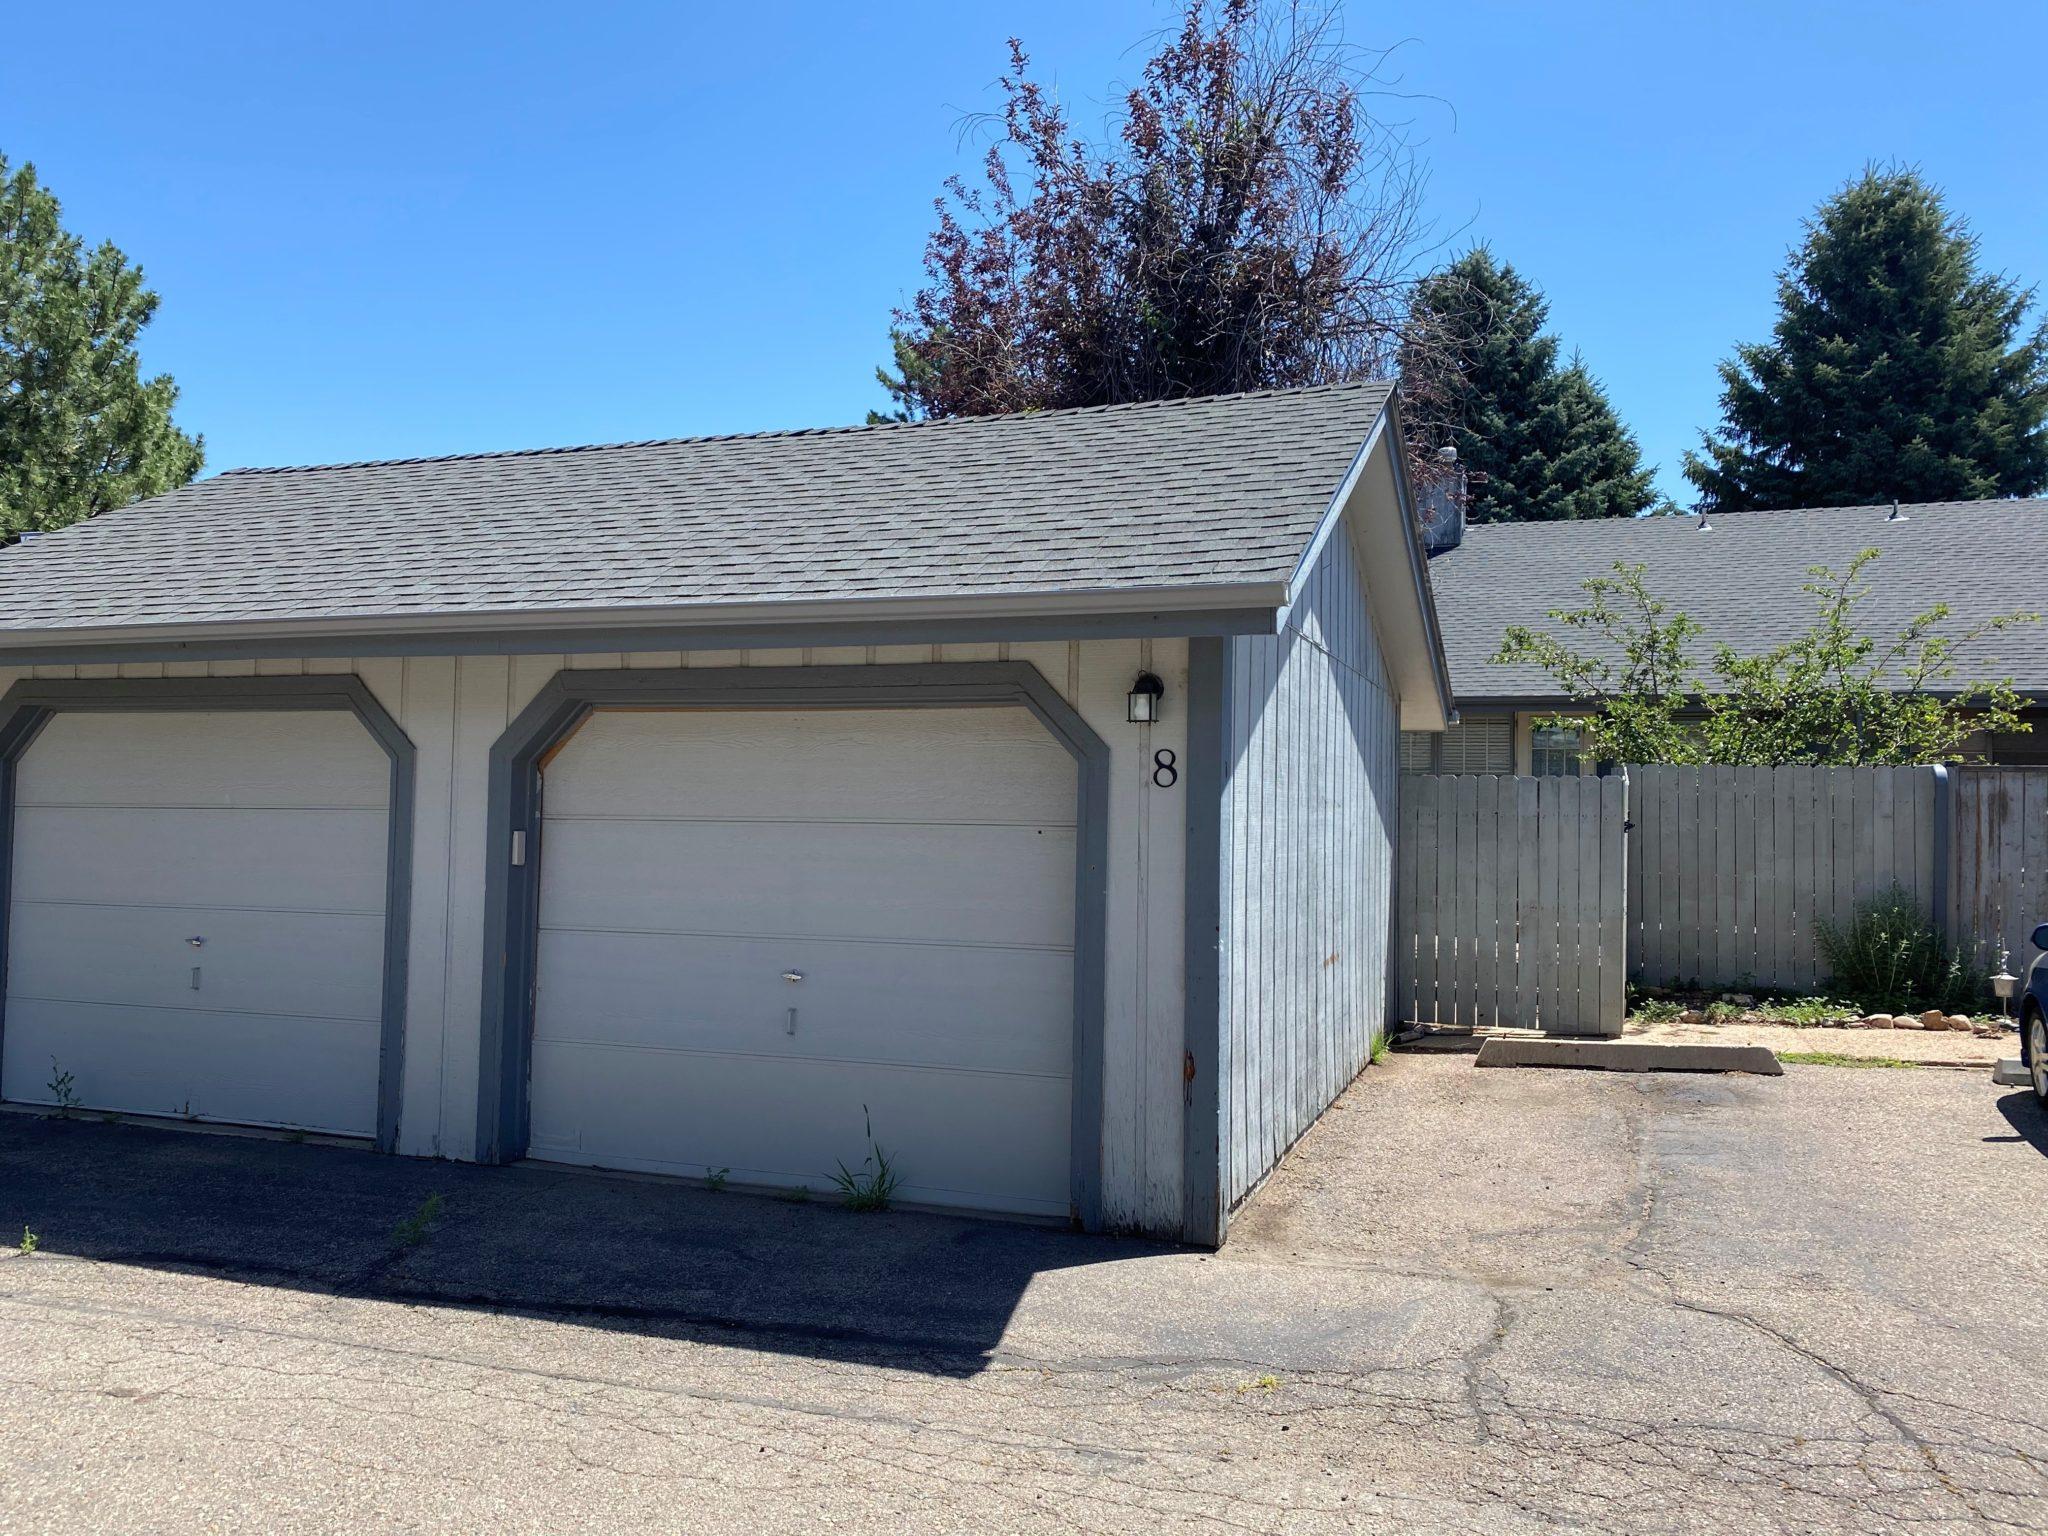 3050 W. Stuart St. #8, Ft. Collins, CO 80526